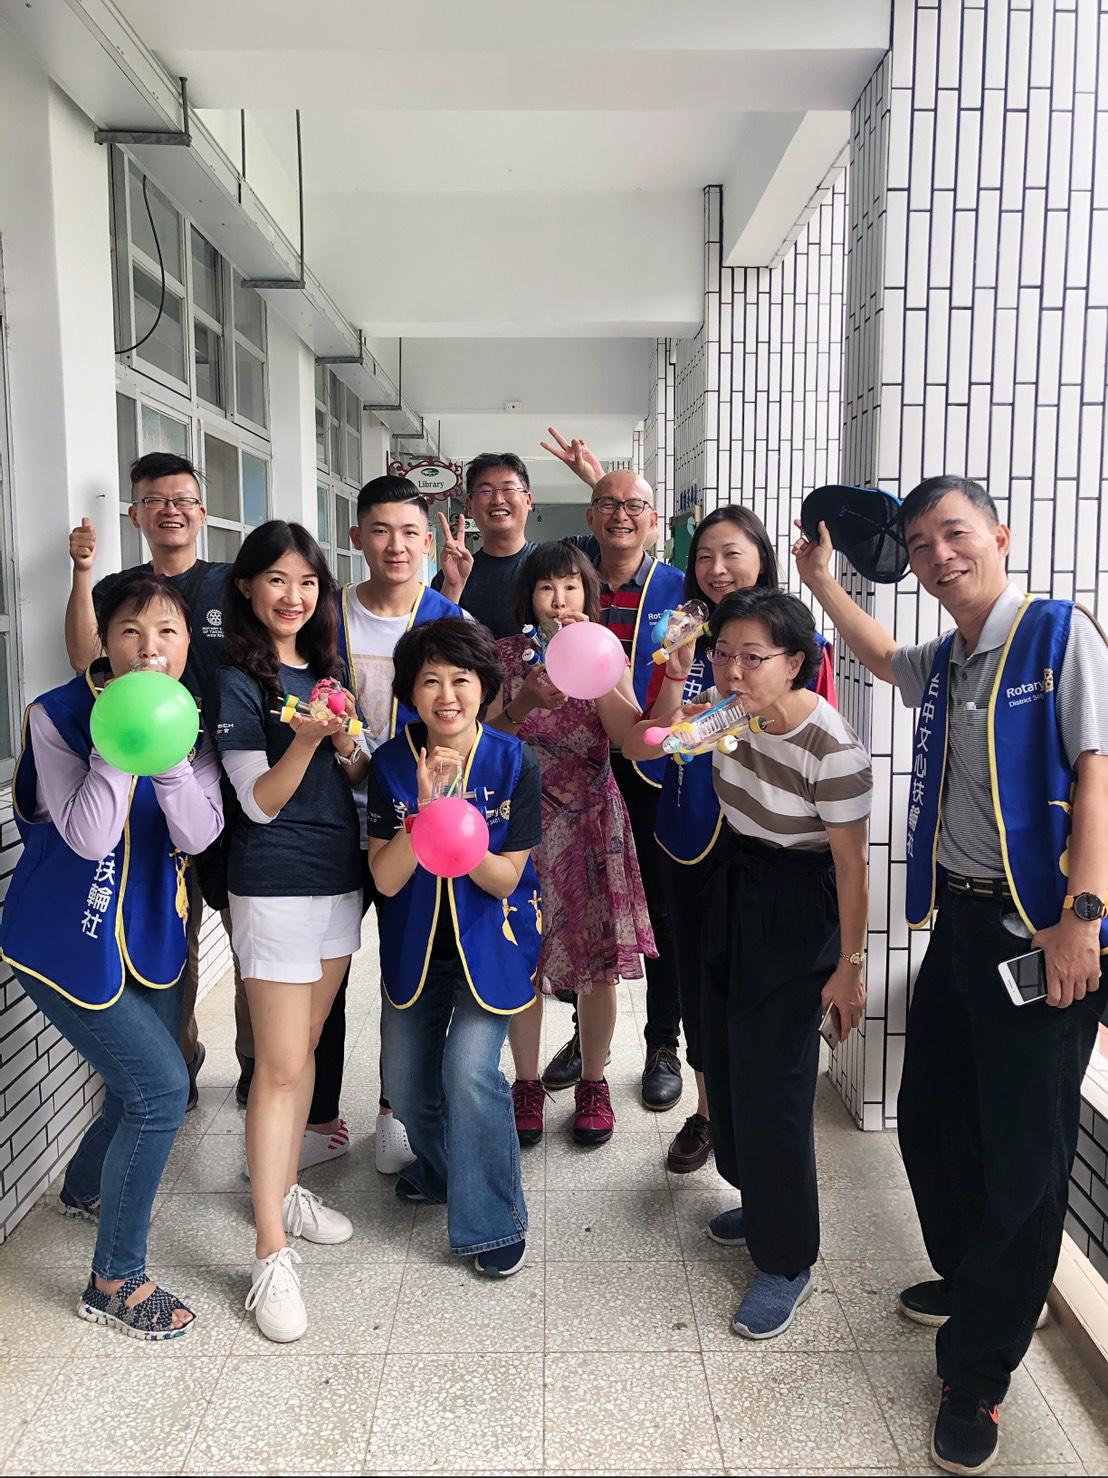 2020.07.16中國醫大公衛服務隊暑期衛教服務營